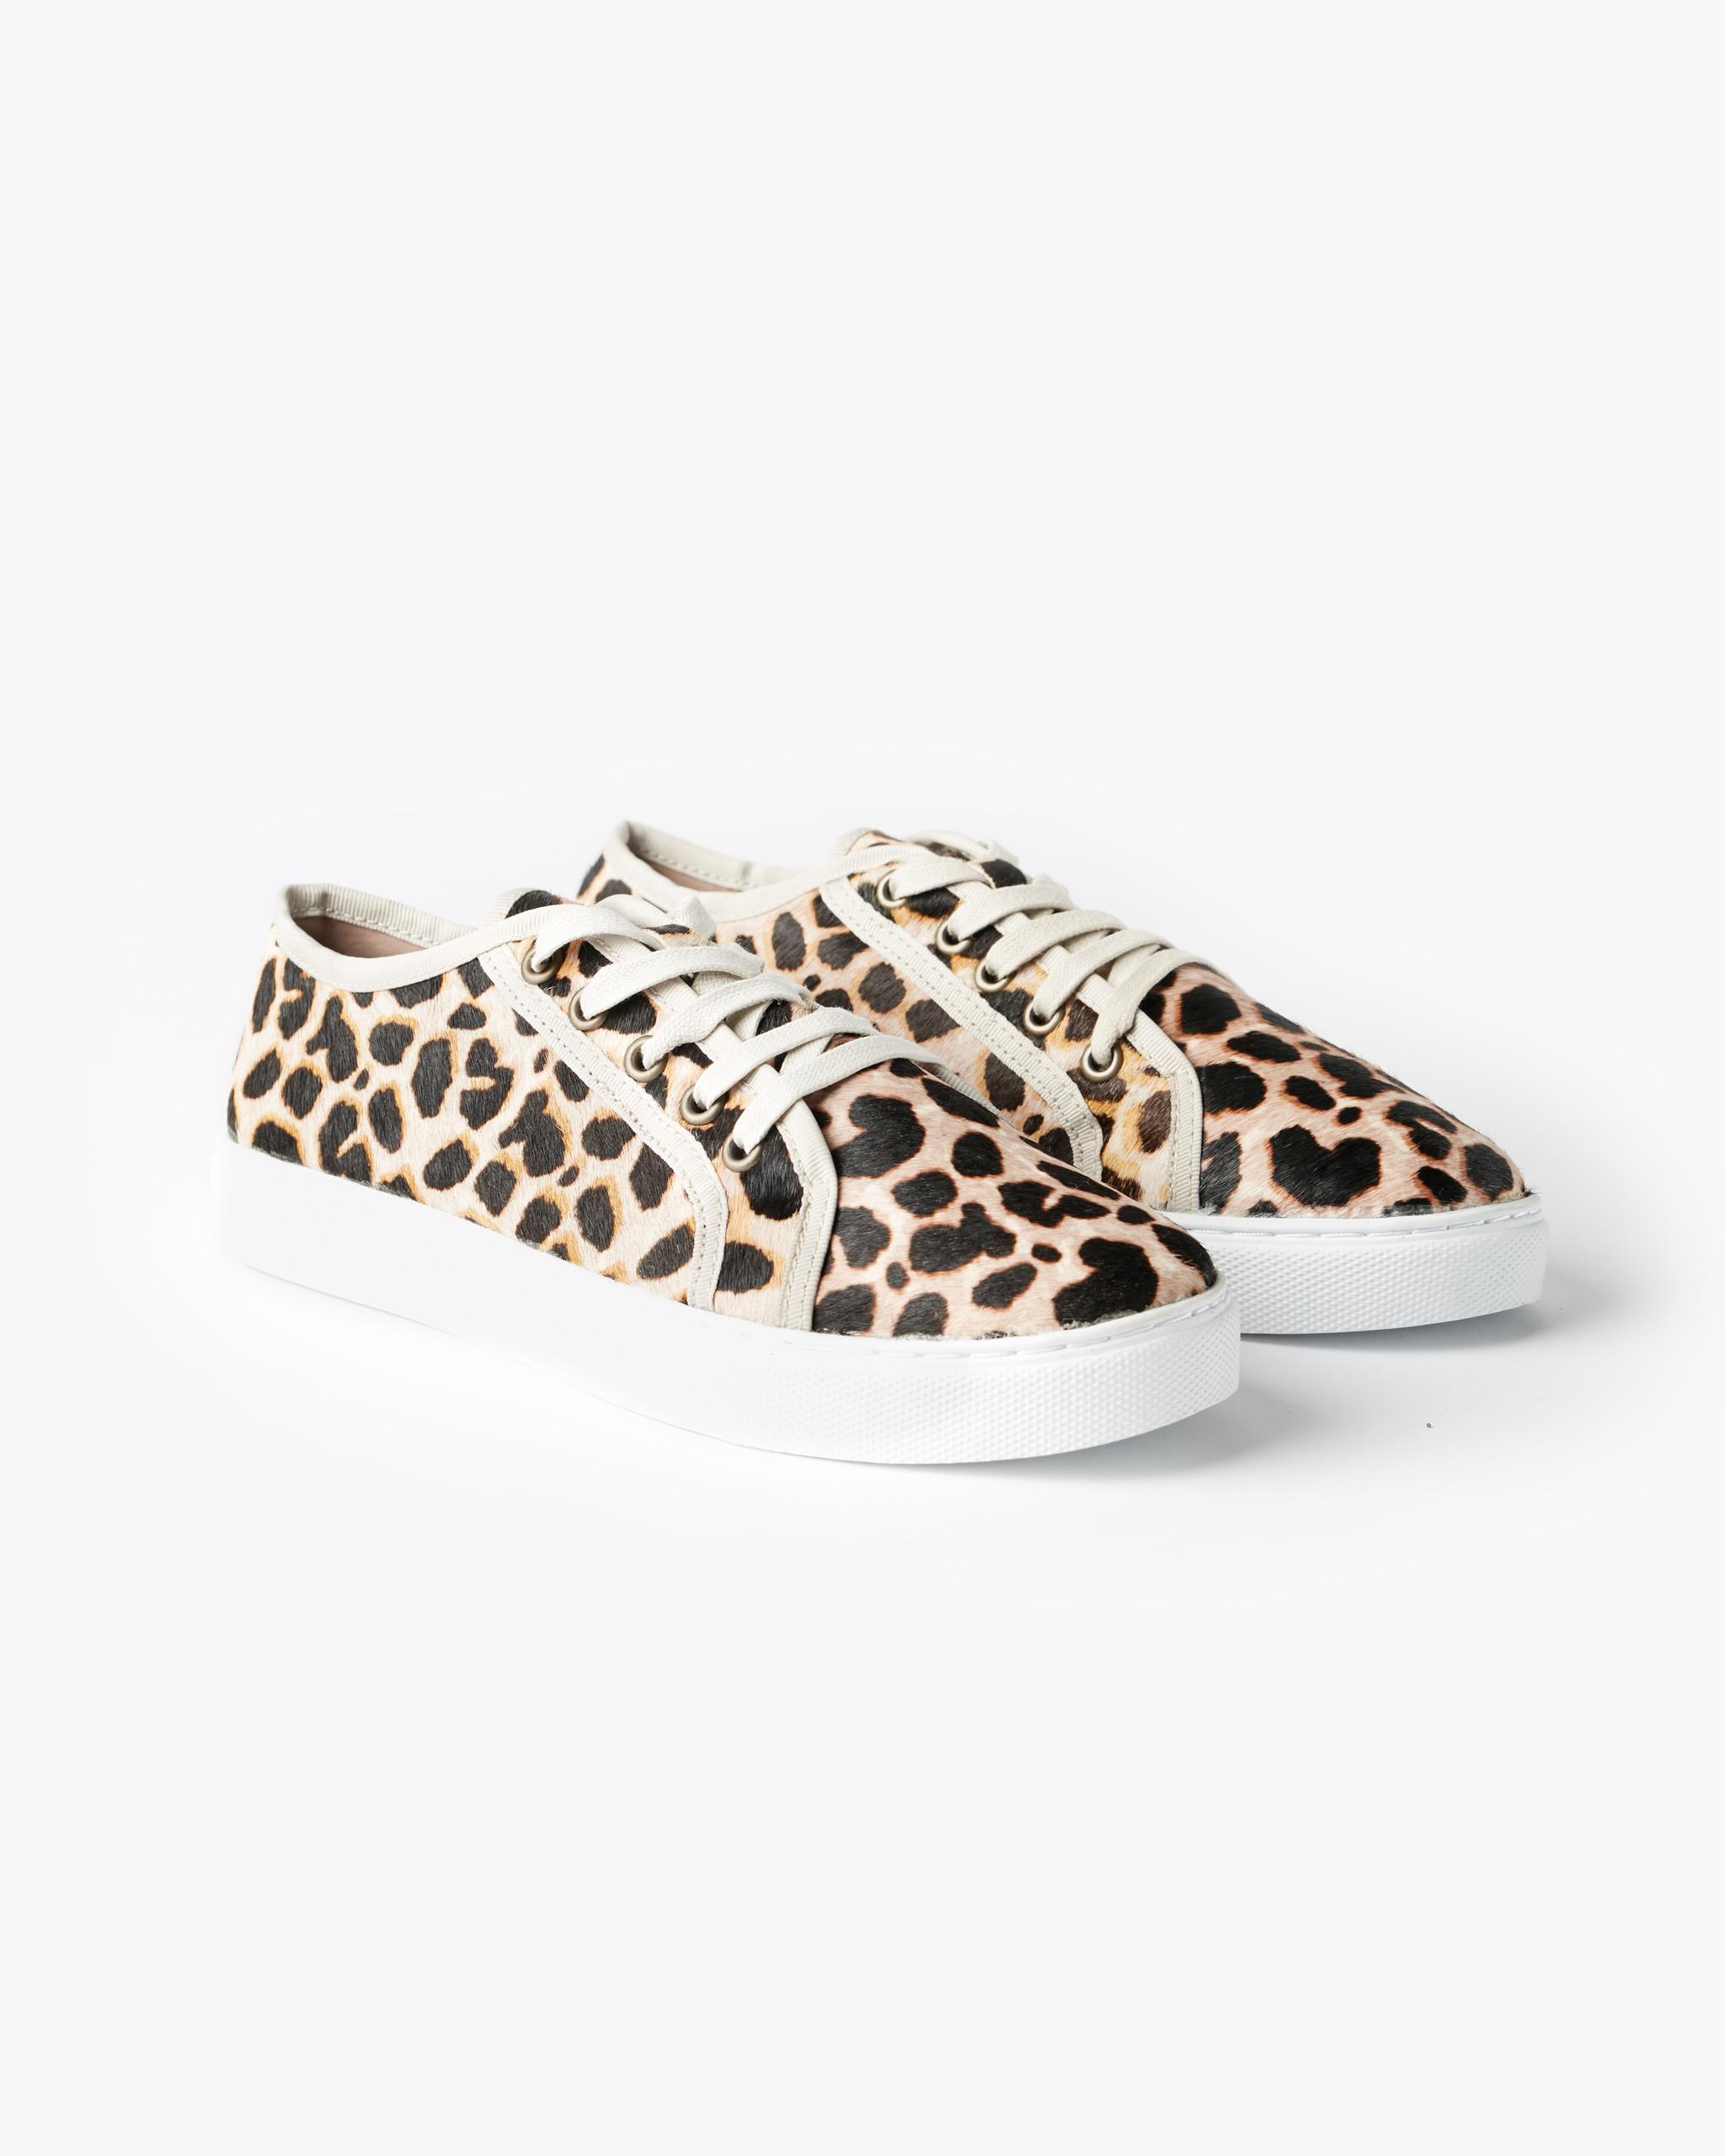 Chyka-Sneaker_Leopard_01.jpg